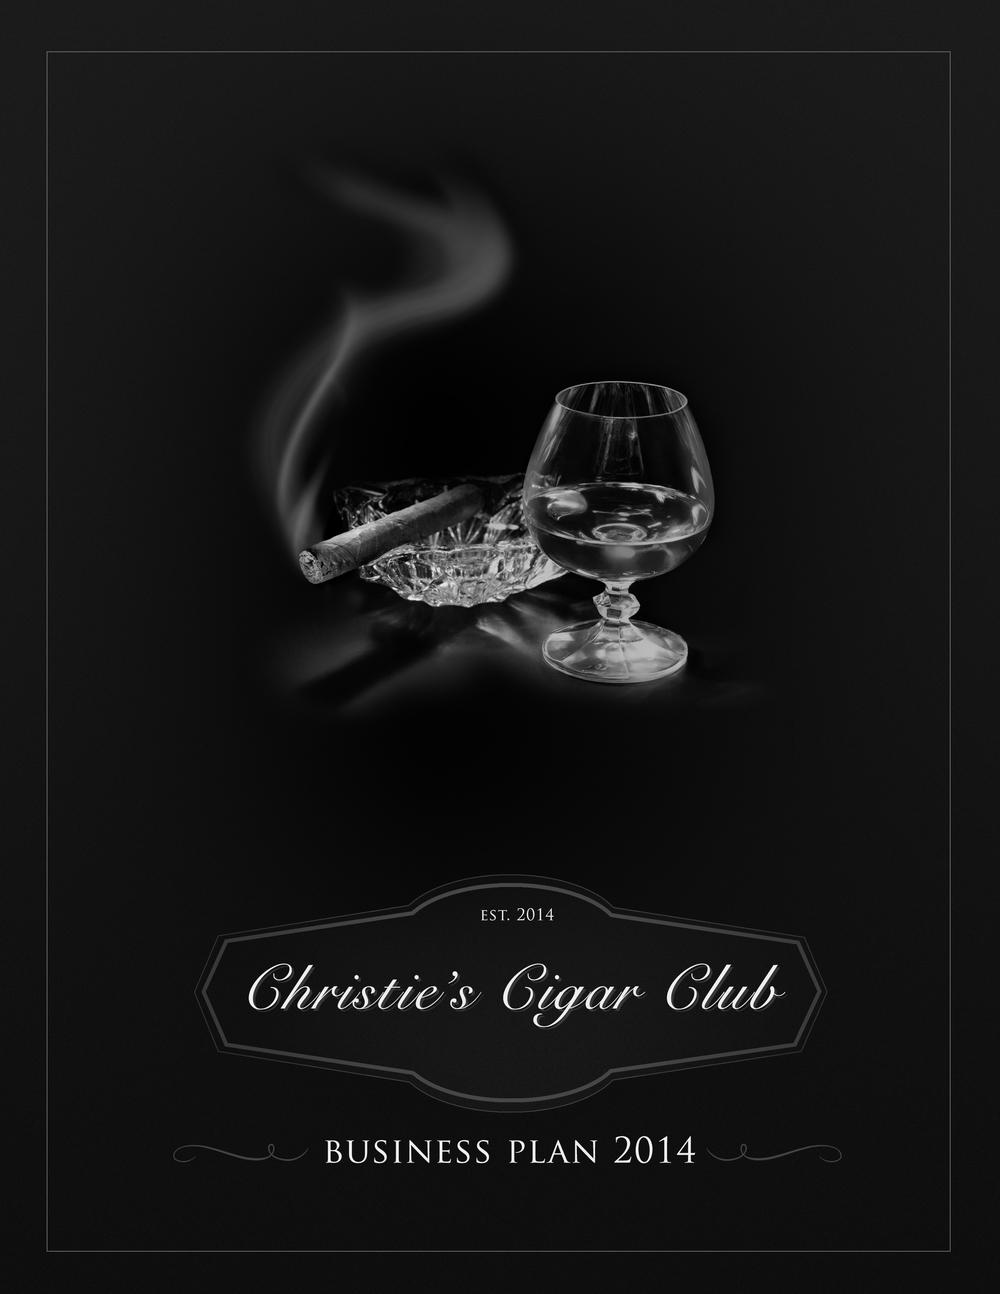 Christie's Cigar Club - Brooklyn, NY